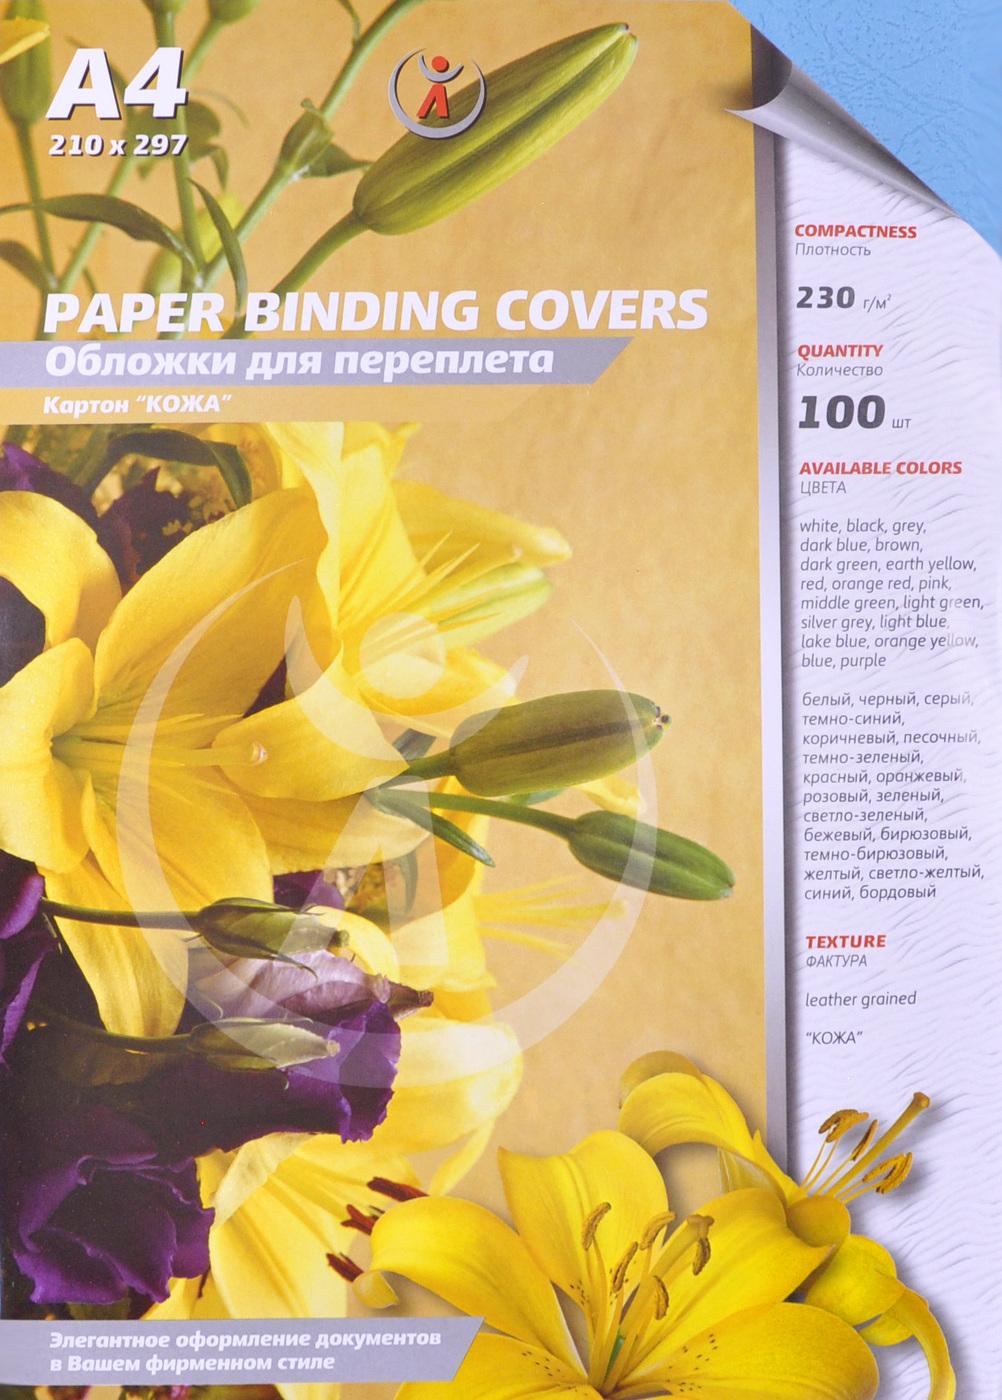 Обложки для переплета картонные, текстура: кожа, 230г/м2, А4, темно-бирюзовые